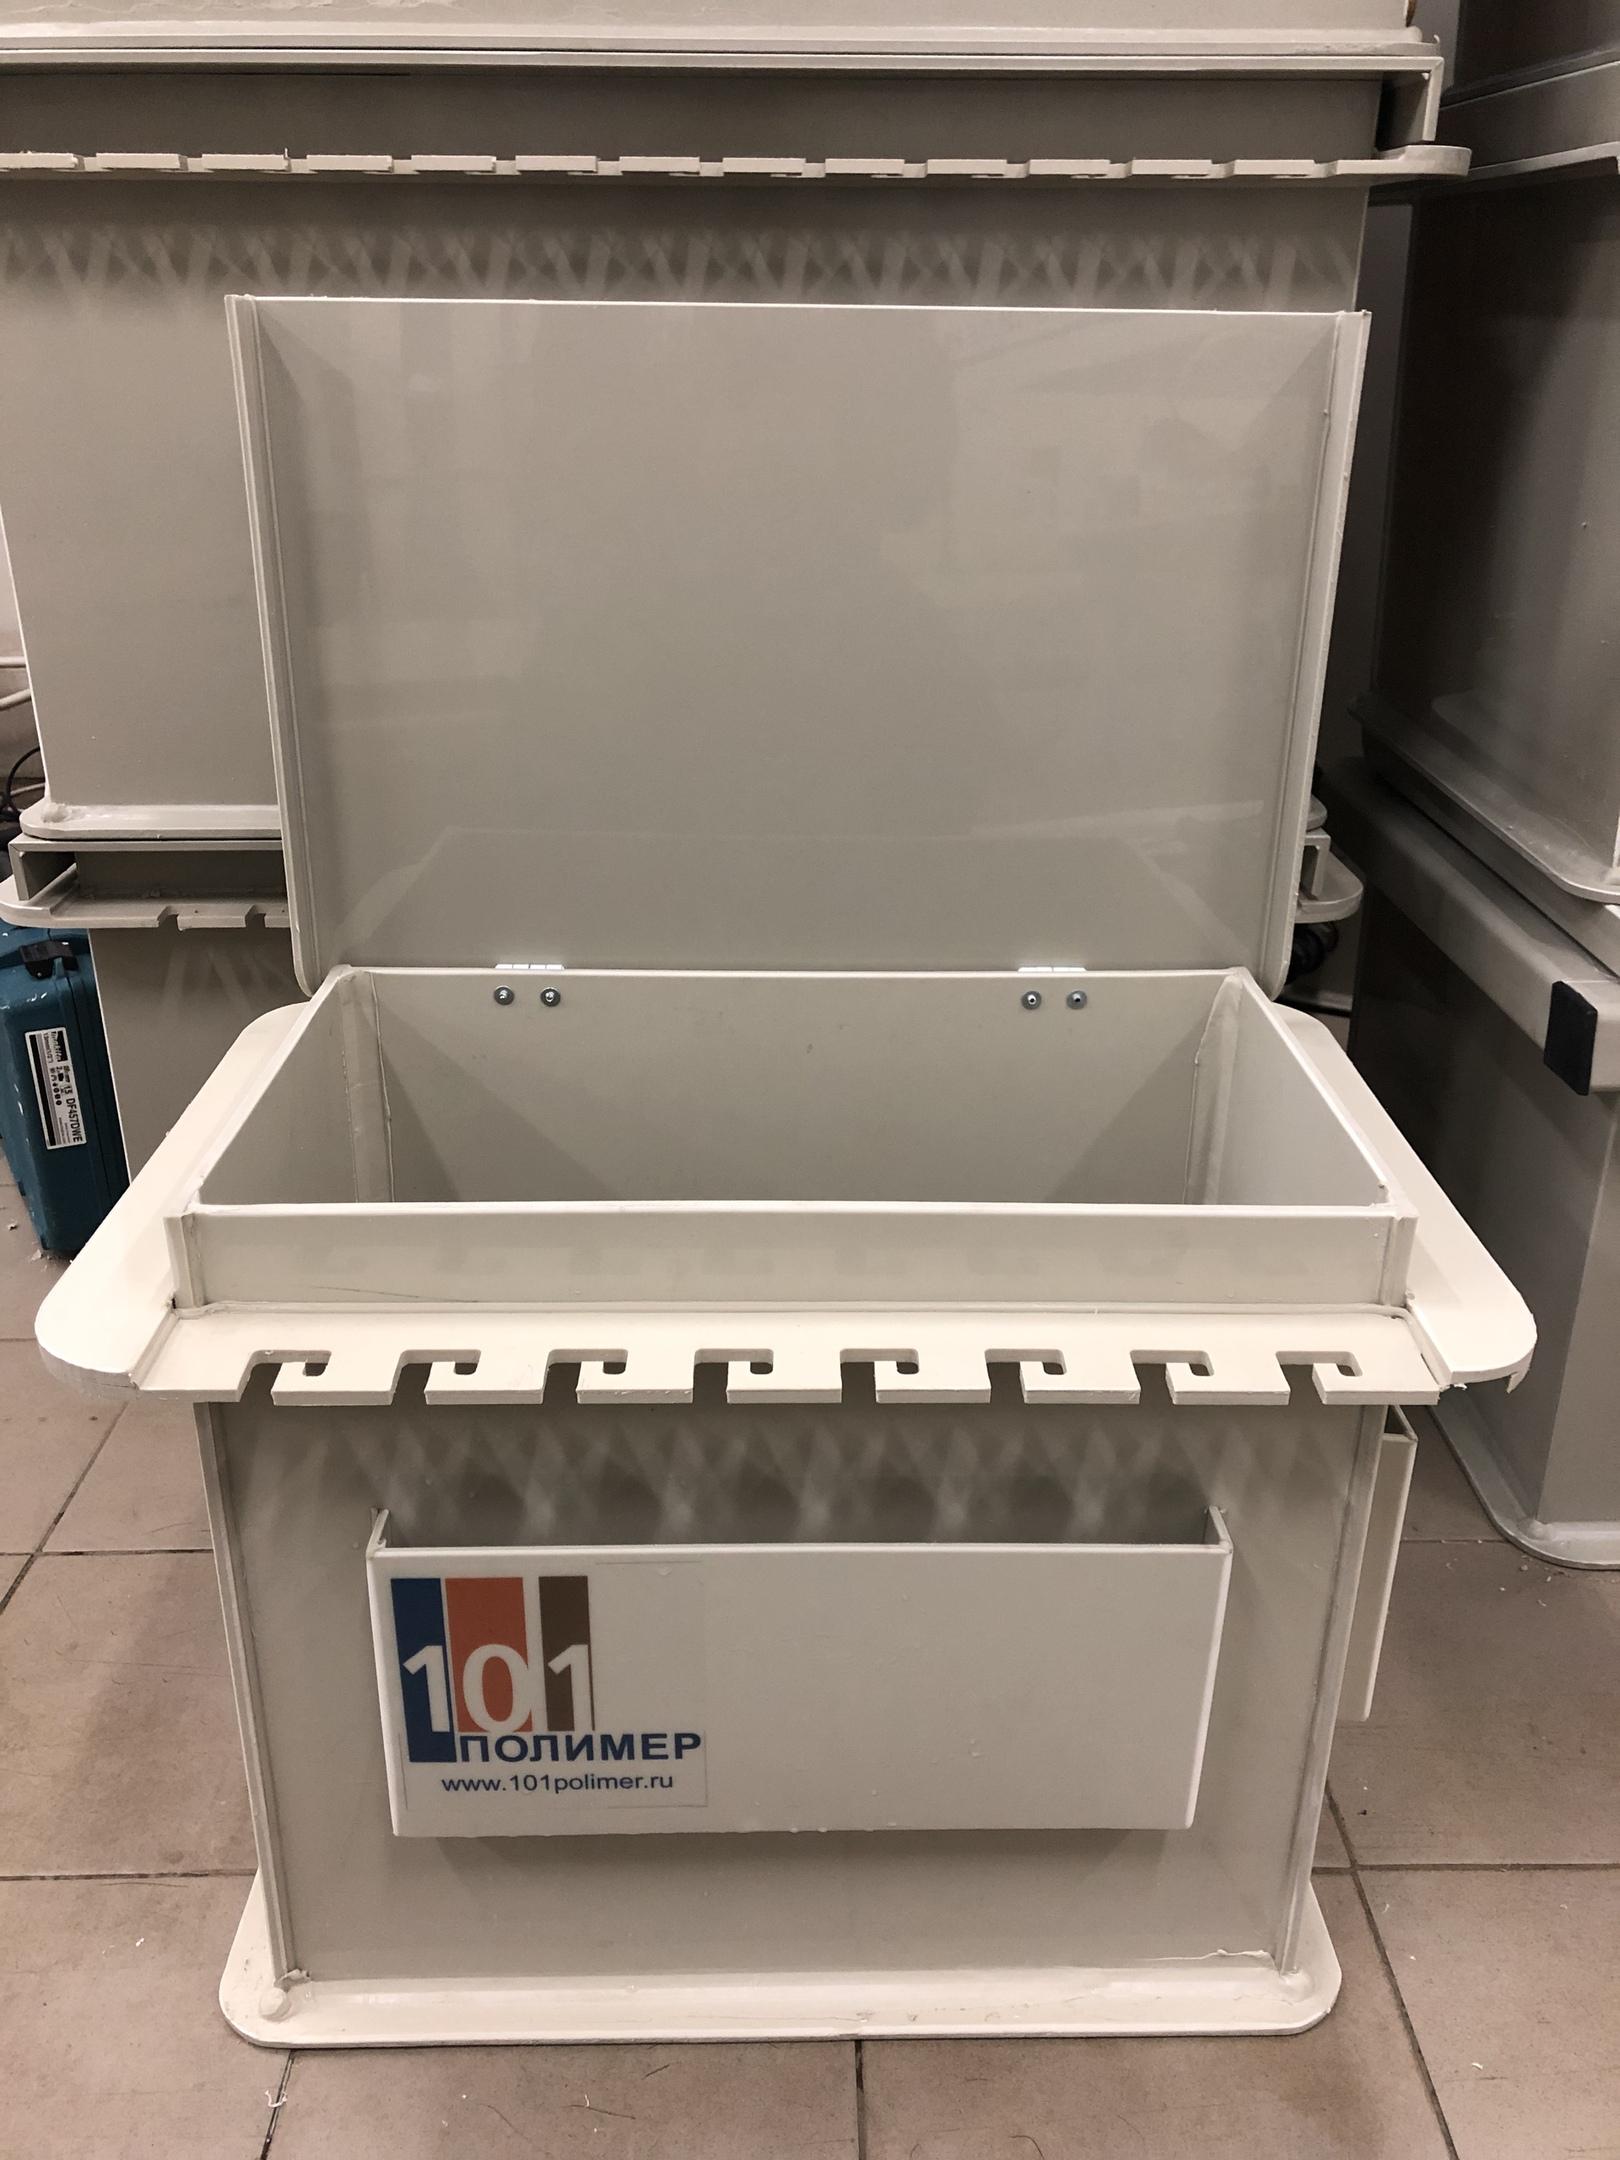 Иммерсионная ванна 4 устройства.Толщина полипропилена 8мм.Размер ячейки 275мм*155мм.Объем жидкости 70 литров.В наличии.Цена 13000 р.